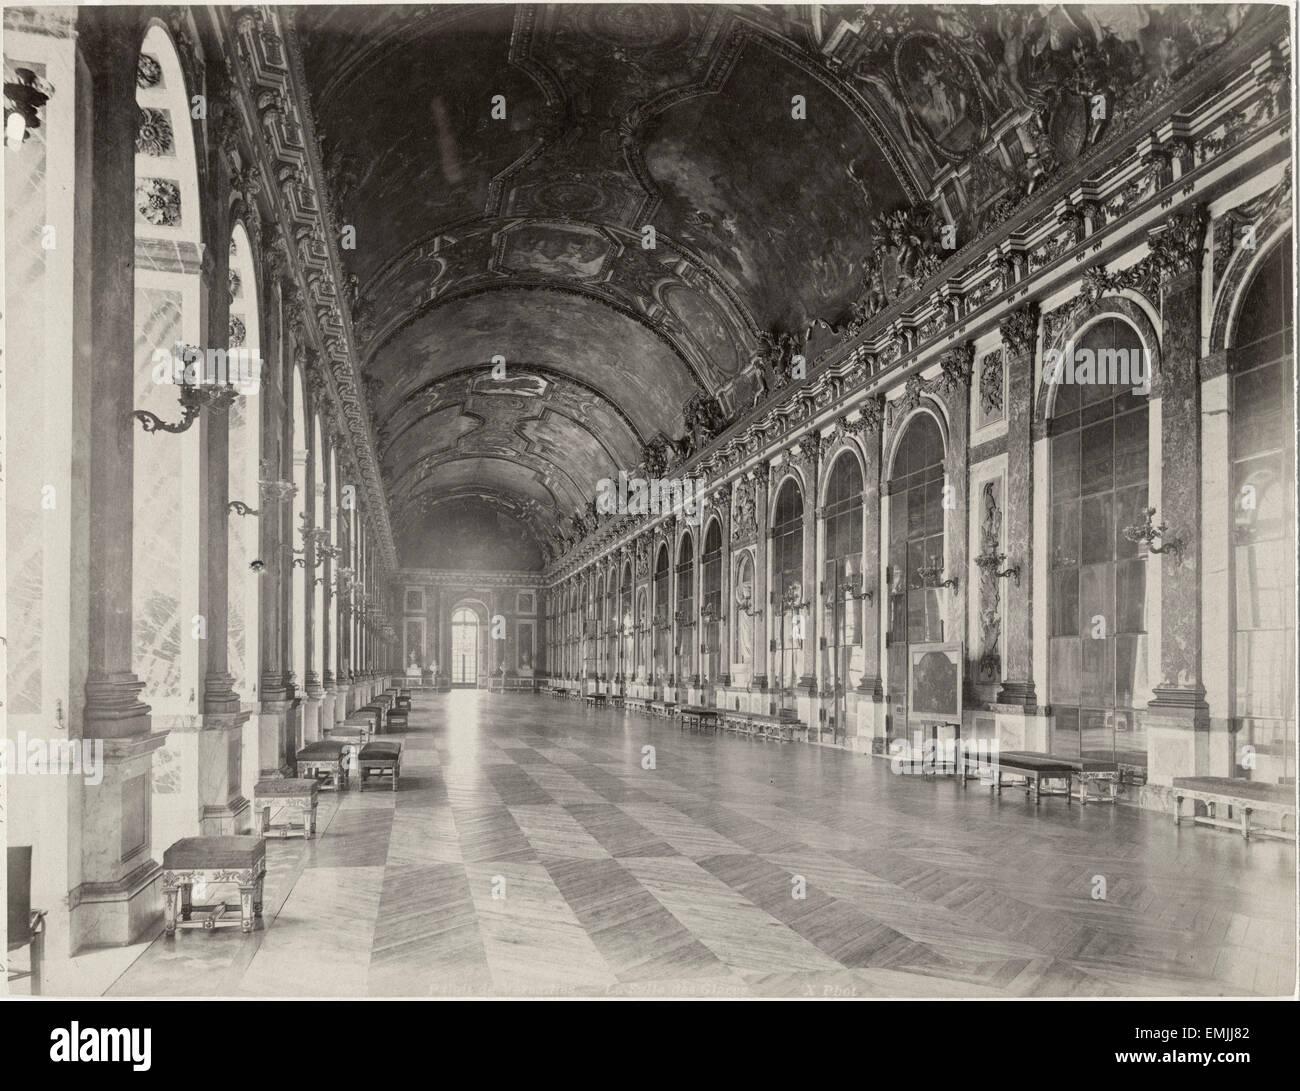 Galerie des glaces hall of mirrors palace of versailles for Architecte des batiments de france versailles